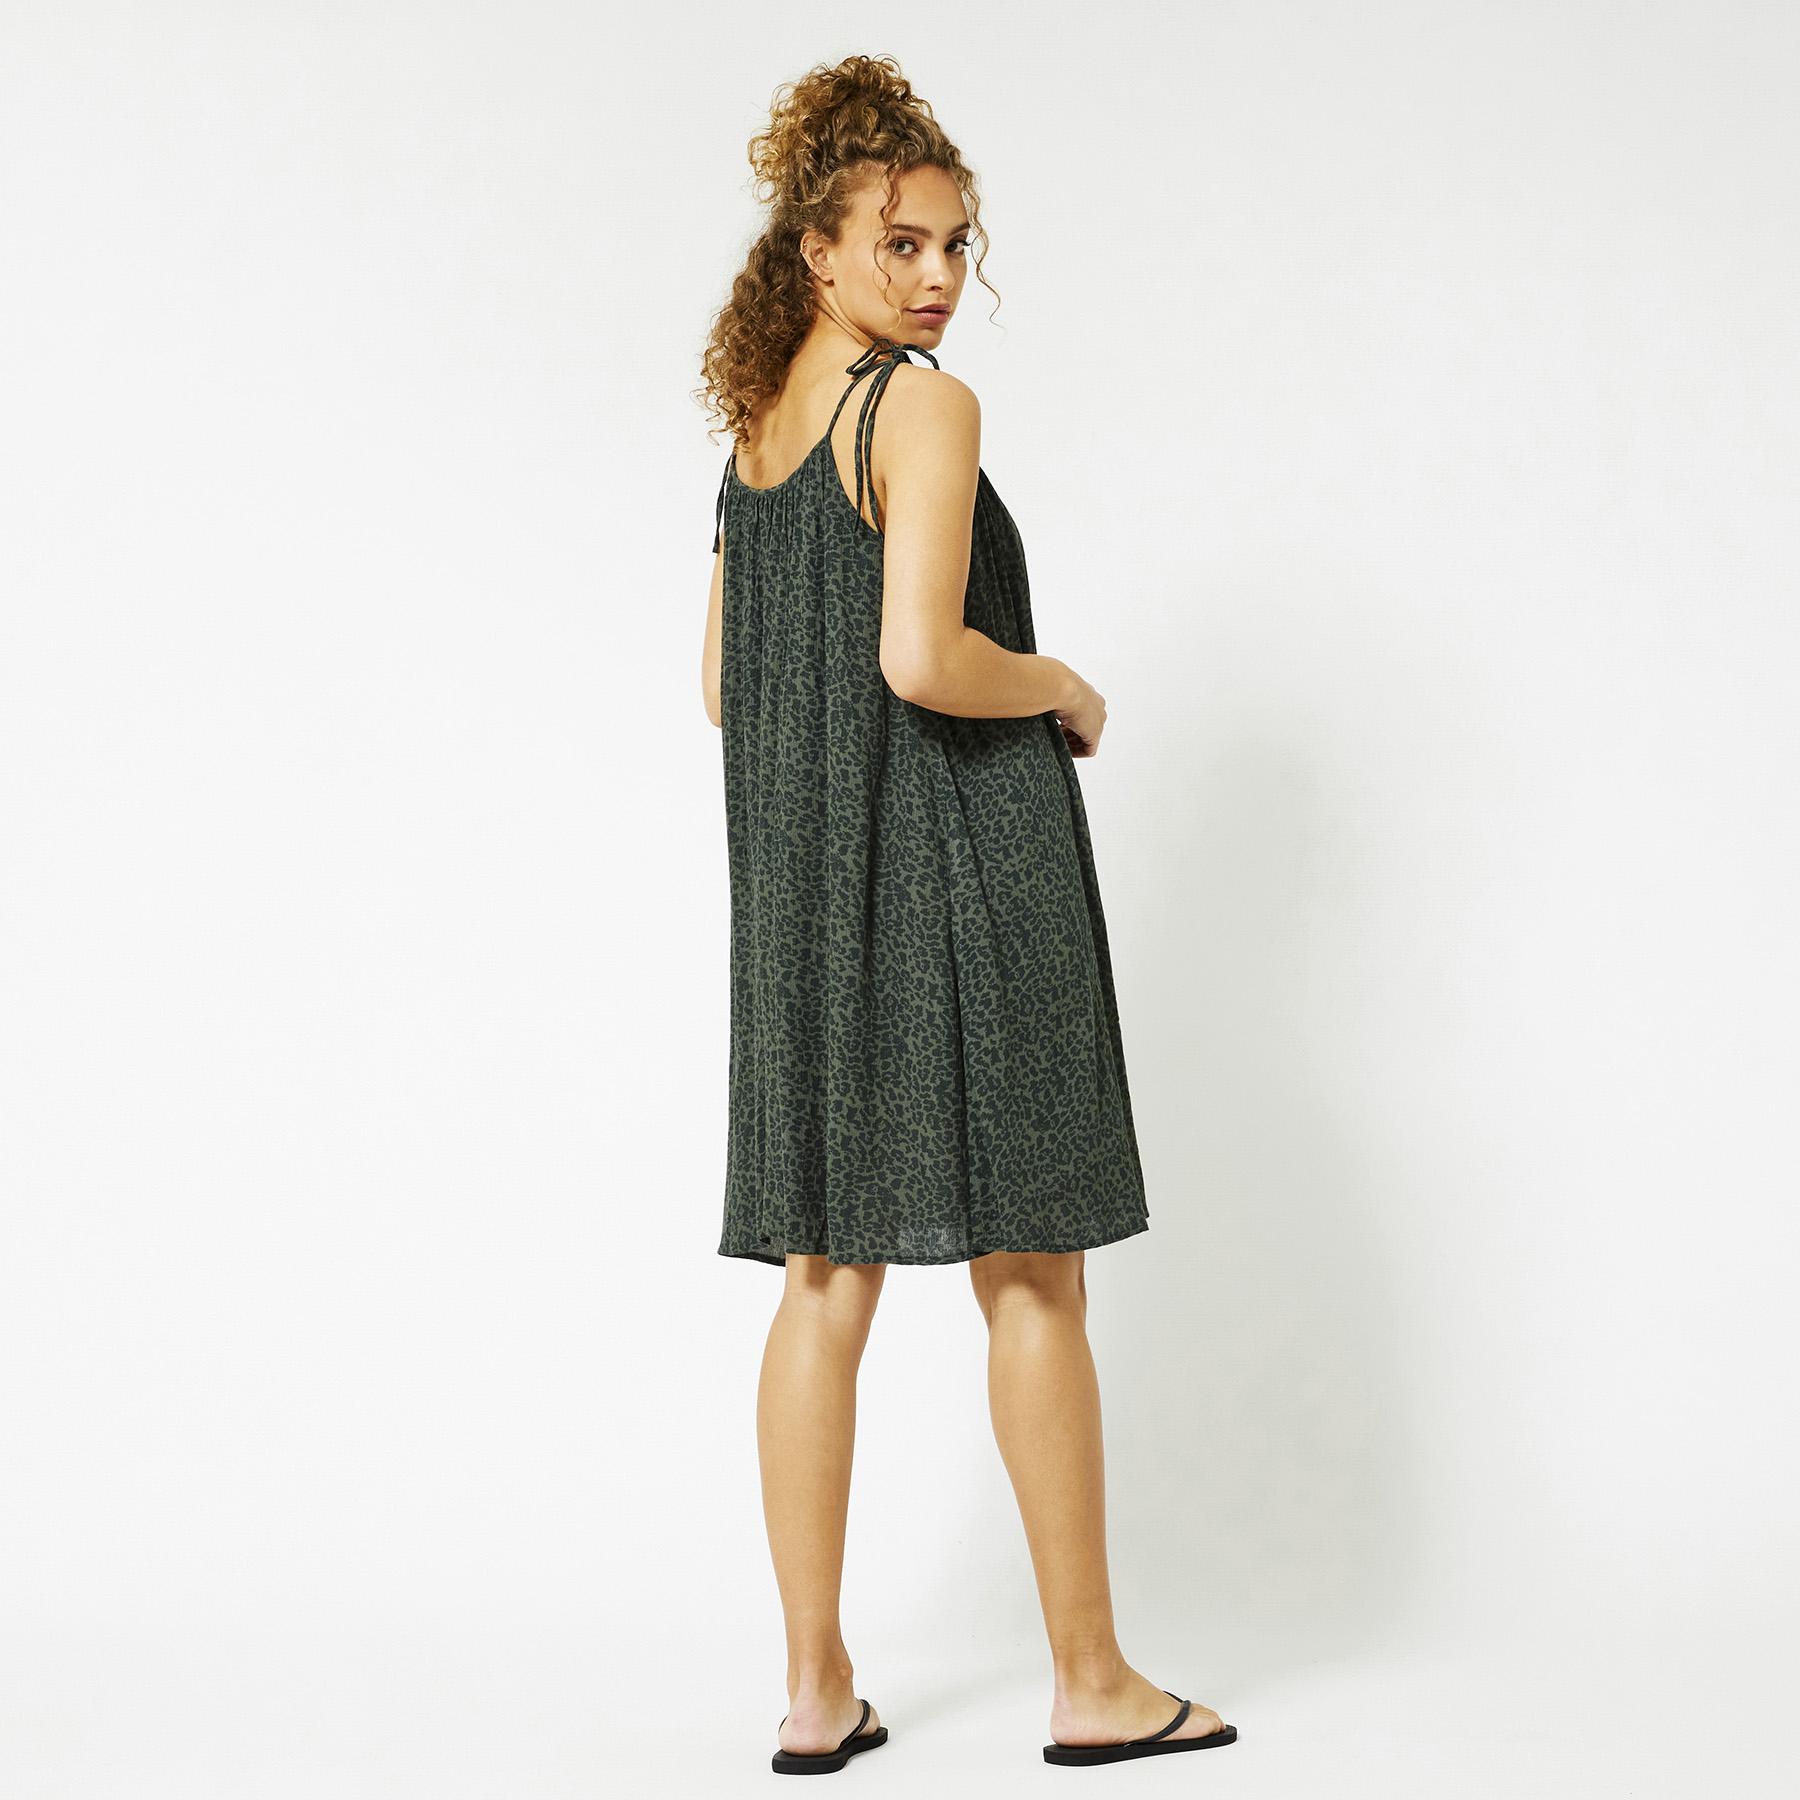 Kleid Myla Dress